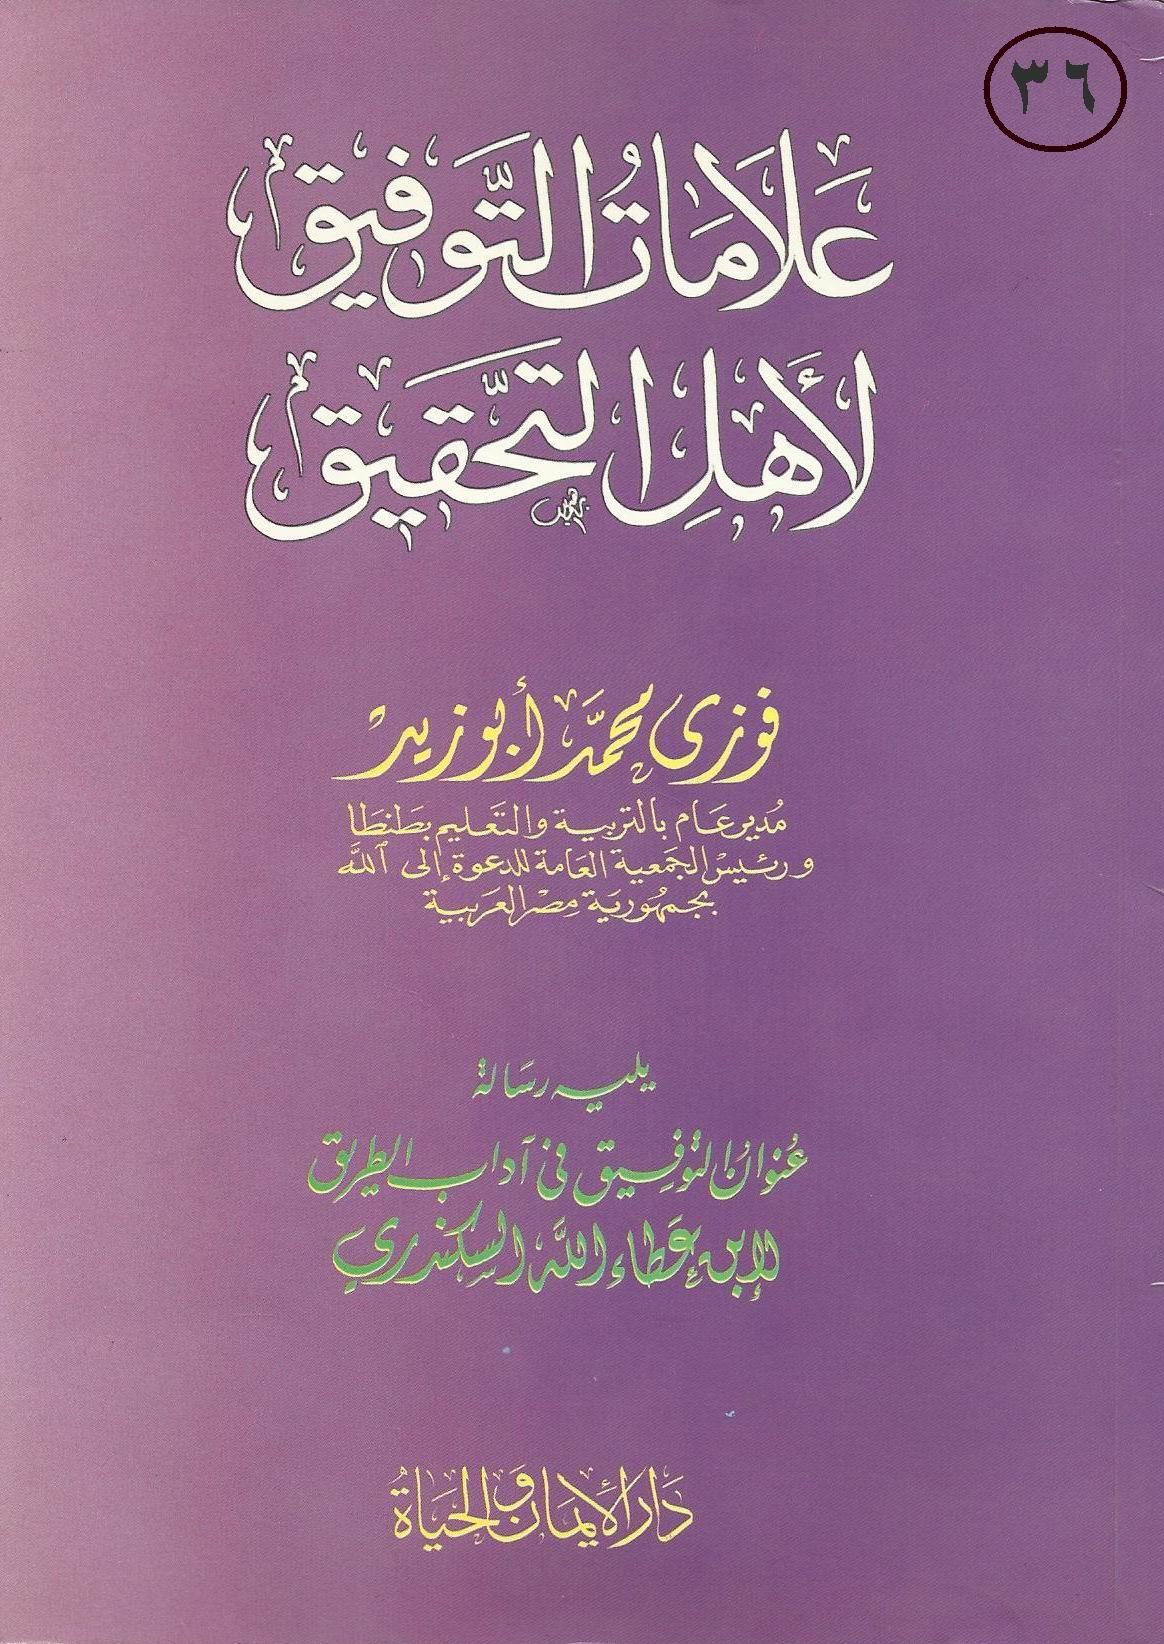 روابط تحميل كتب فضيلة الشيخ فوزي محمد أبوزيد  Book_alamat_el_tawfiq_lahel_el_tahkik